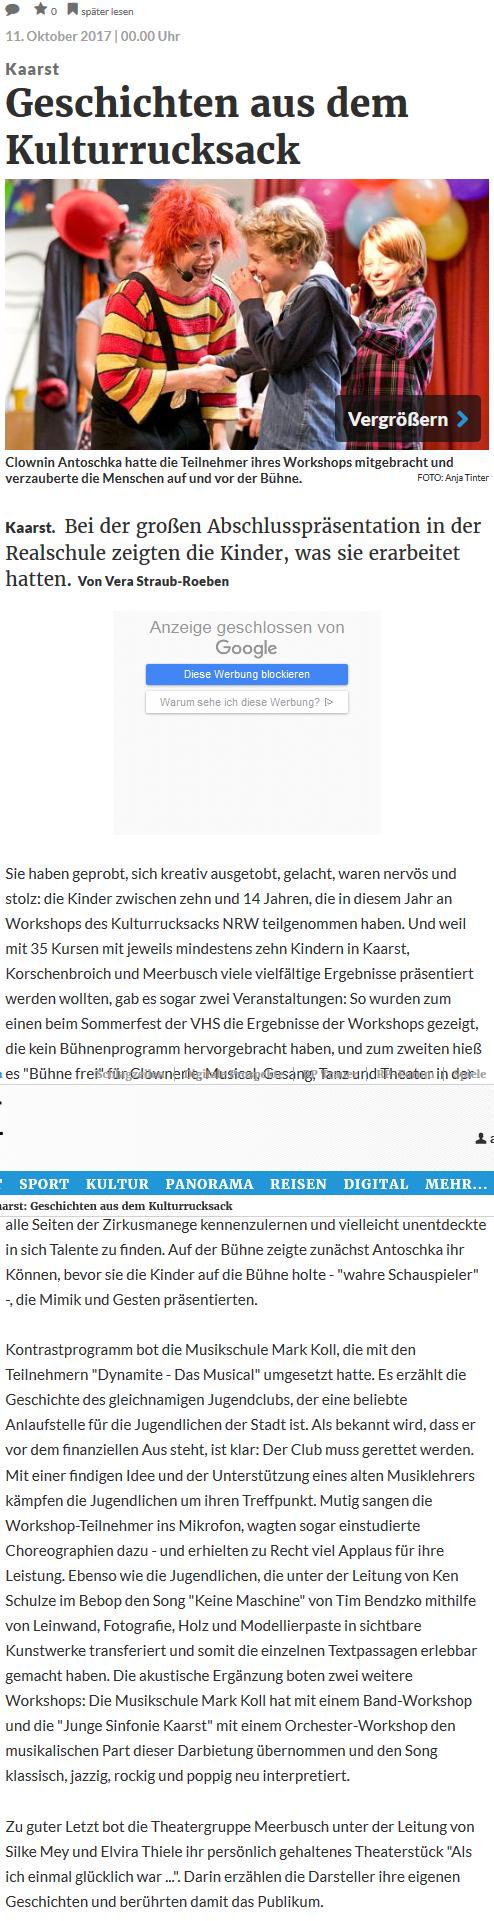 Screenshot-2017-10-11 Kaarst Geschichten aus dem Kulturrucksack.png